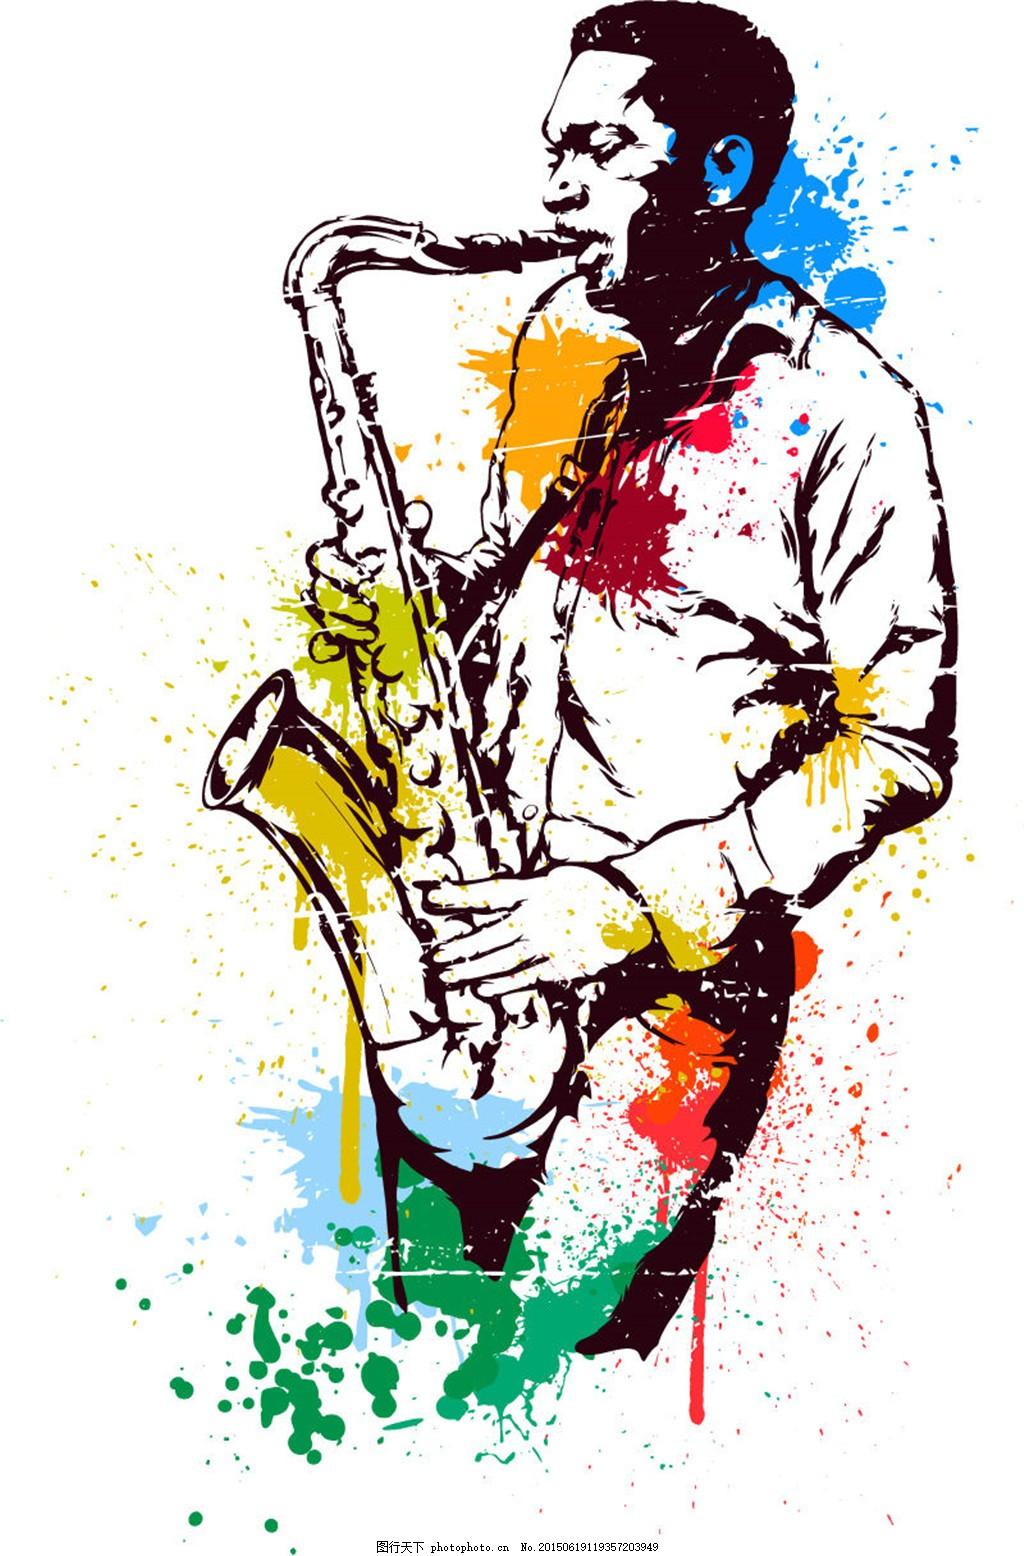 水彩绘萨克斯手矢量素材 音乐 墨迹 喷溅 矢量图 广告设计 白色